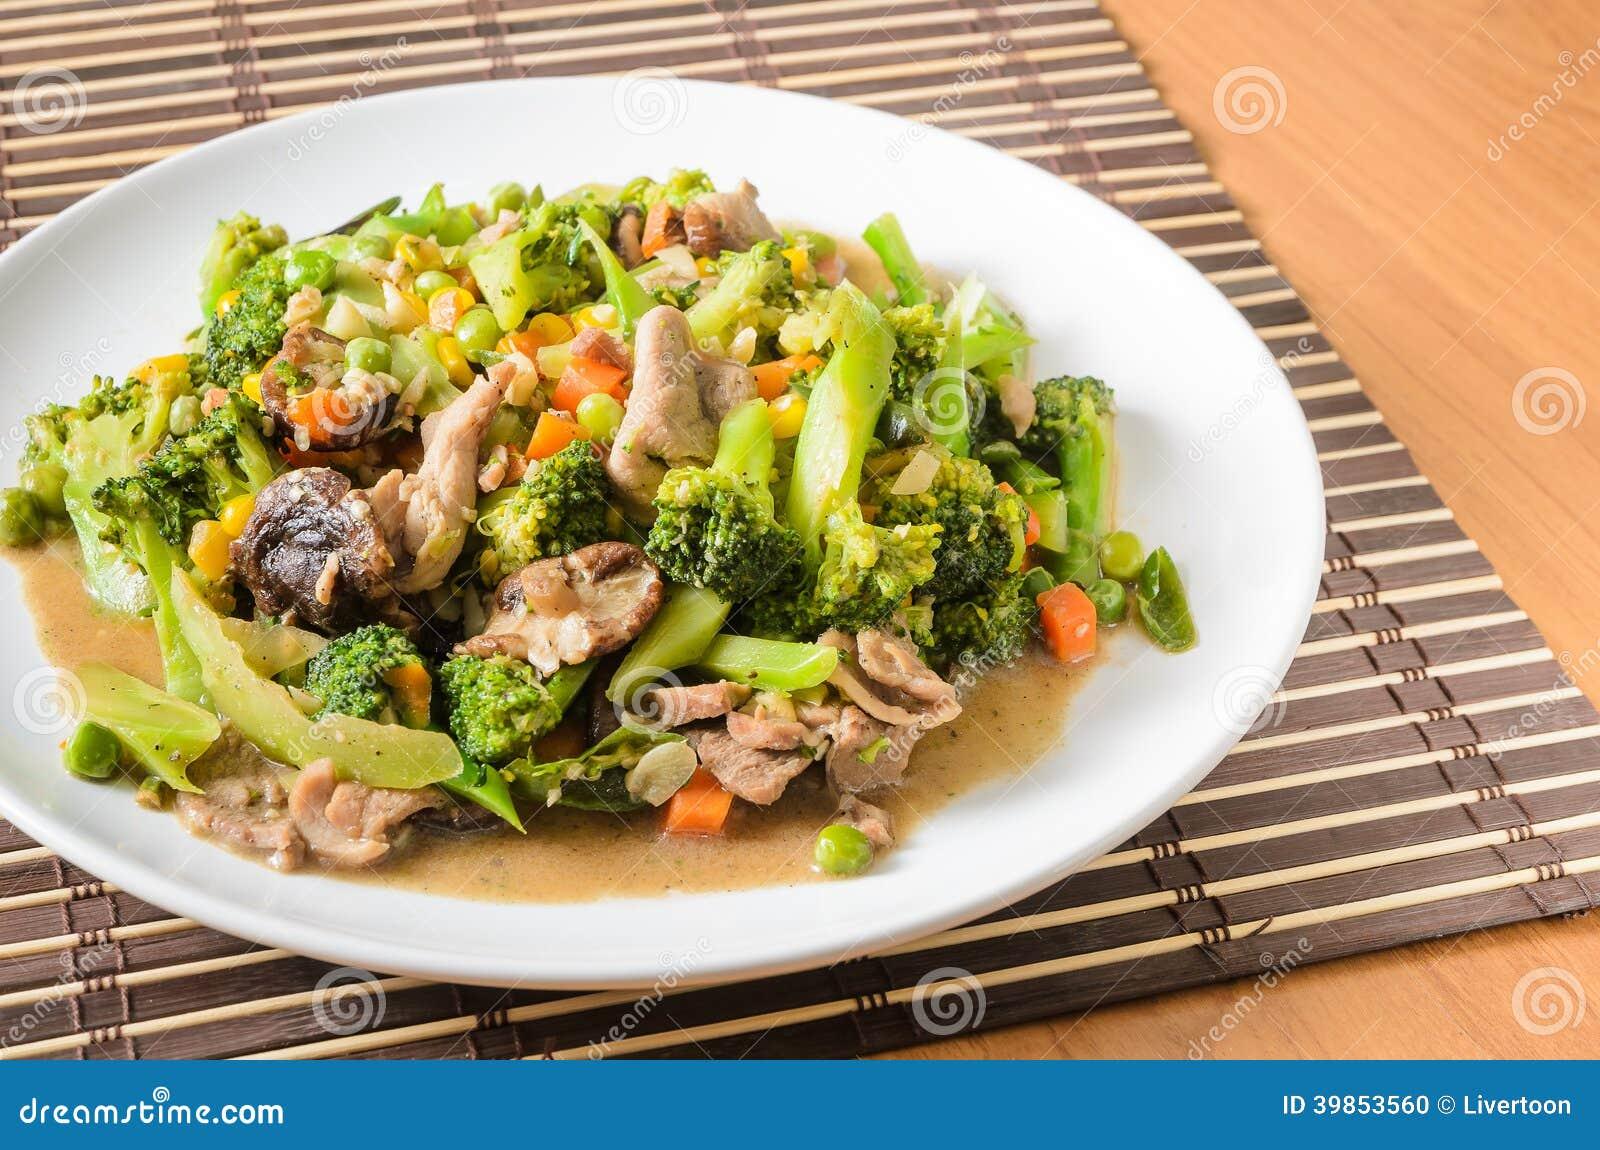 Rühren Sie gebratenen Brokkoli, Karotte, Zuckermais, grünes Bean